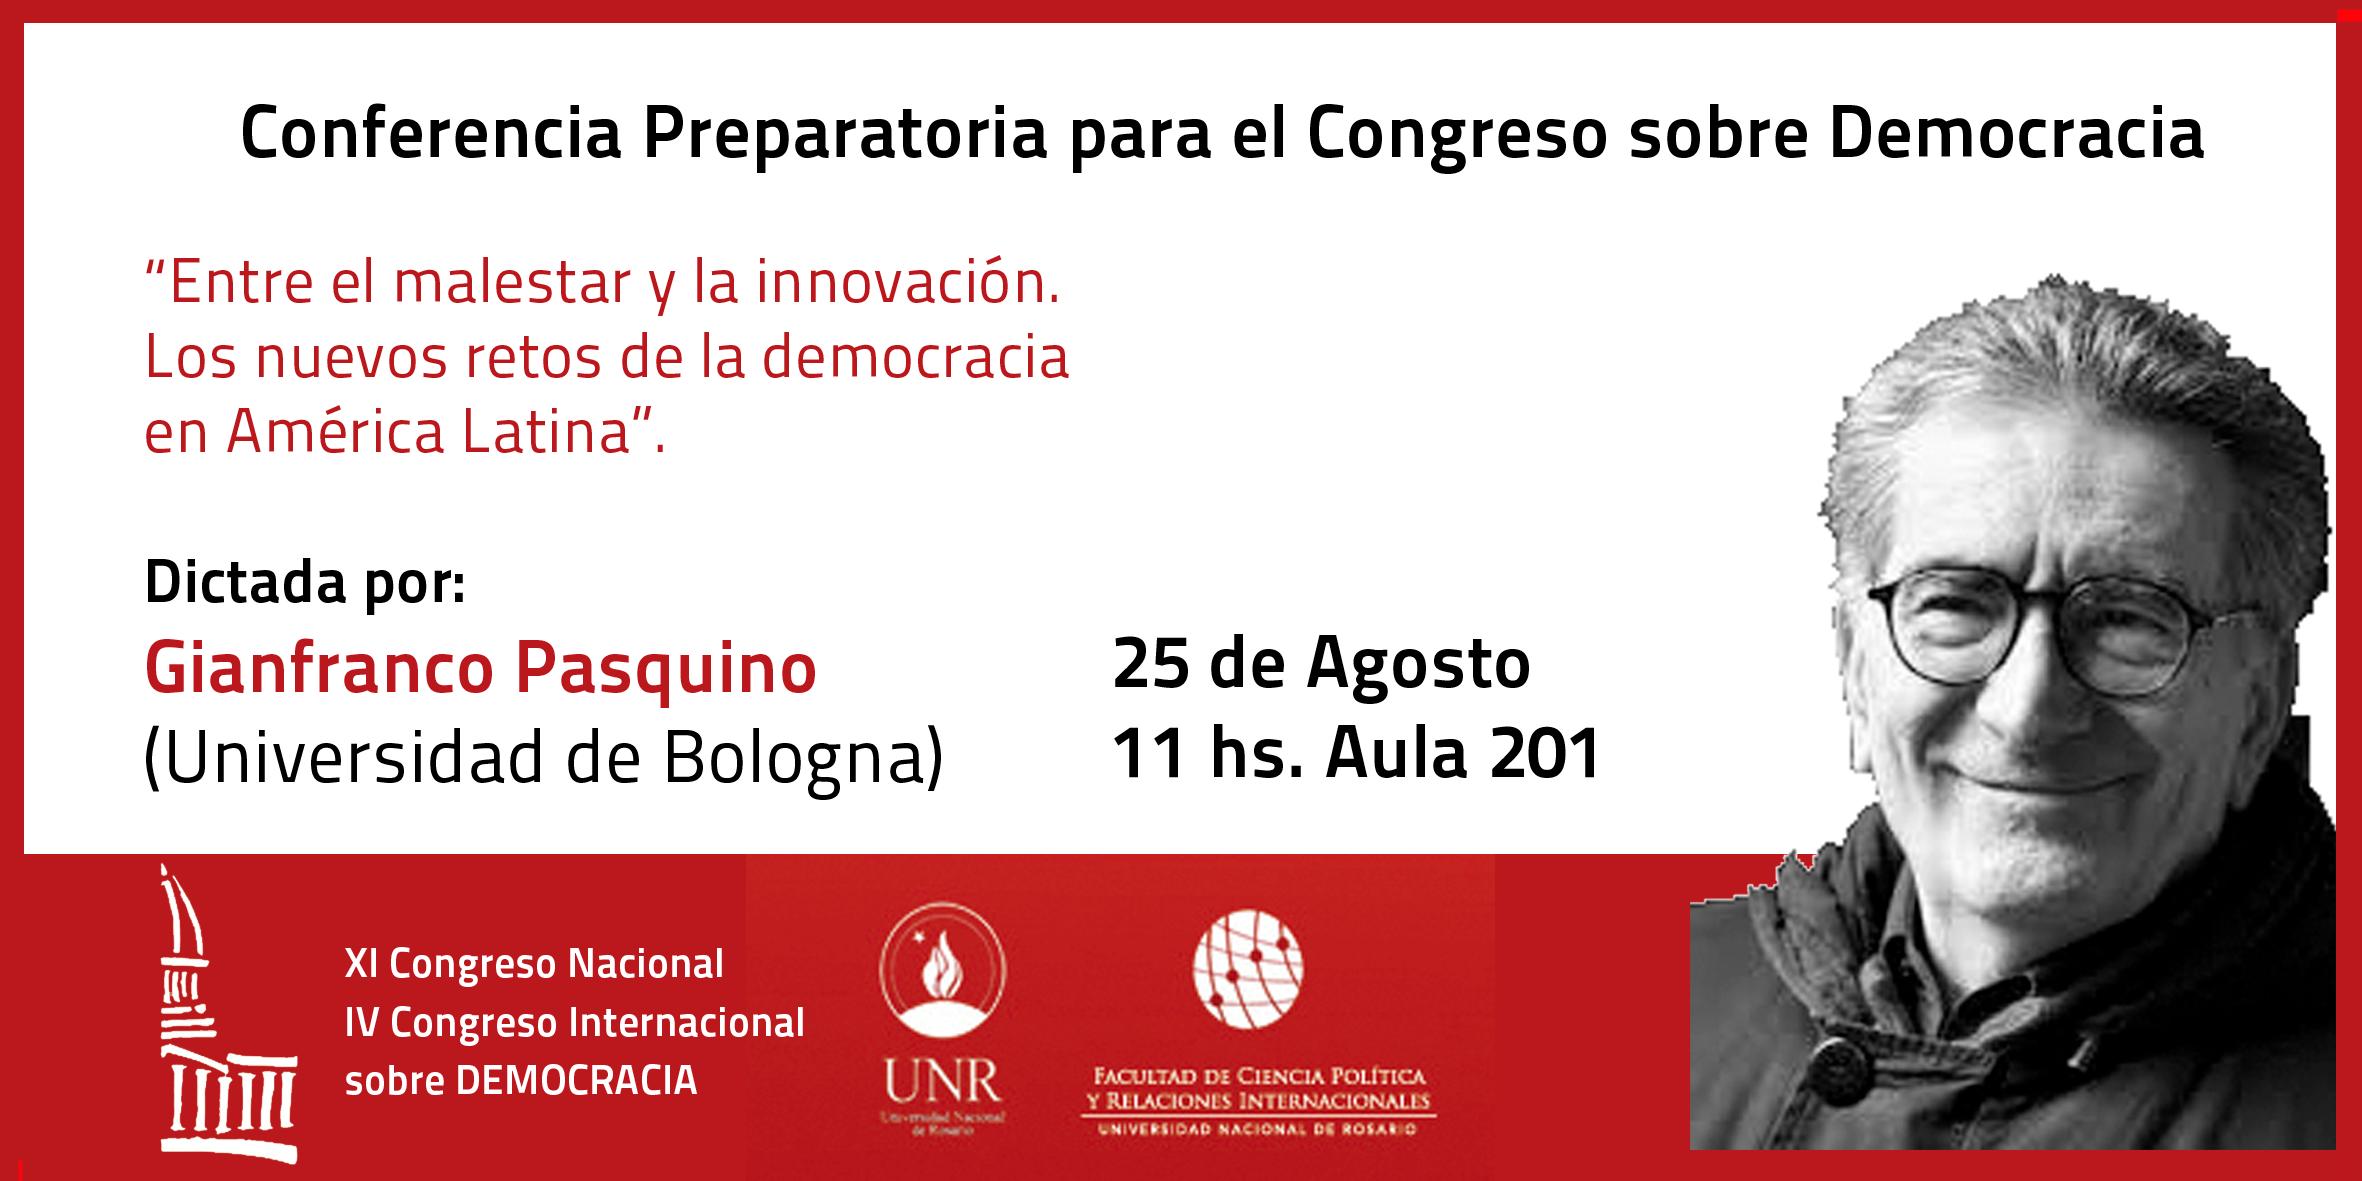 Entre el malestar y la innovación. Los nuevos retos de la democracia en América Latina